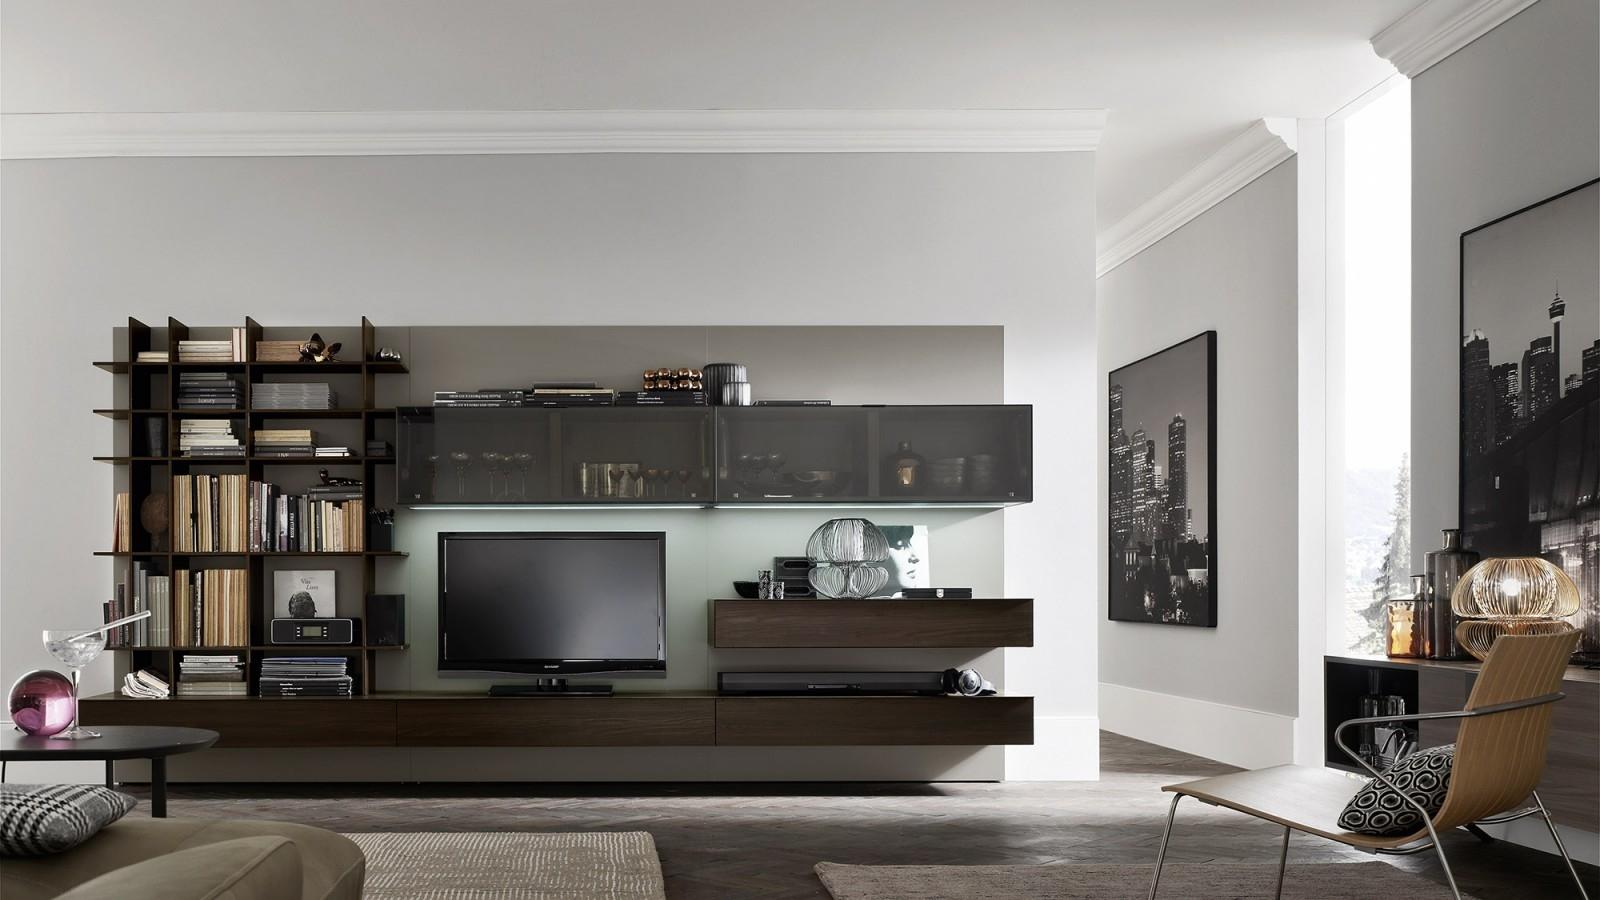 Orme soggiorno composizione soggiorno componibili for Soggiorni moderni prezzi